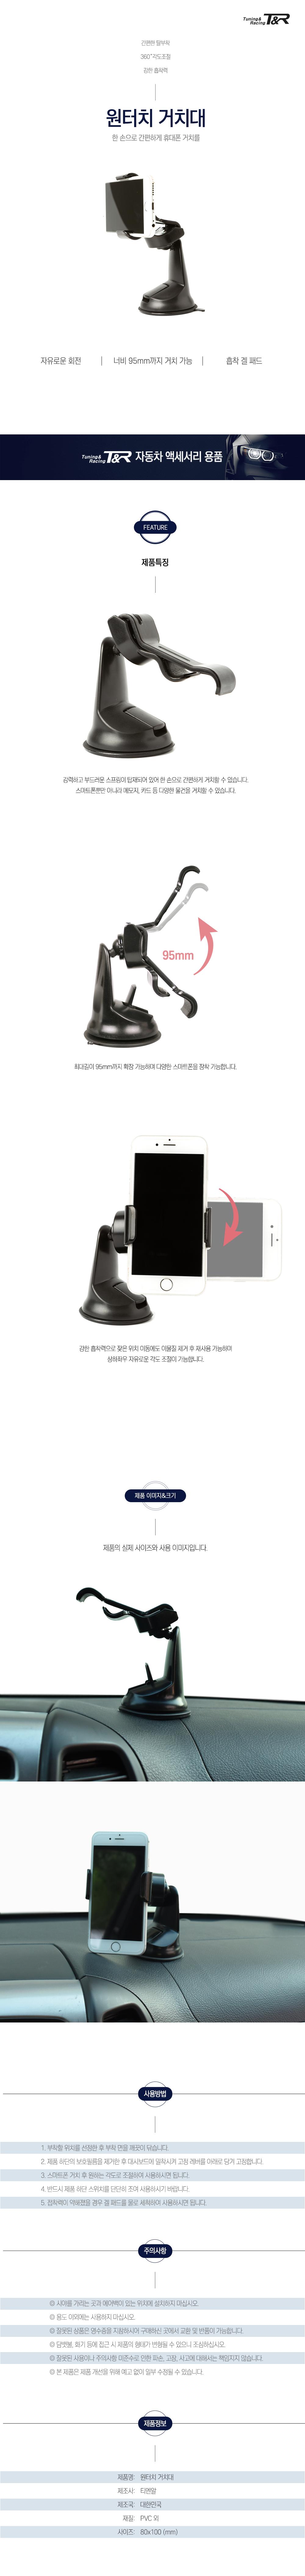 057. 원터치 거치대_수정.png